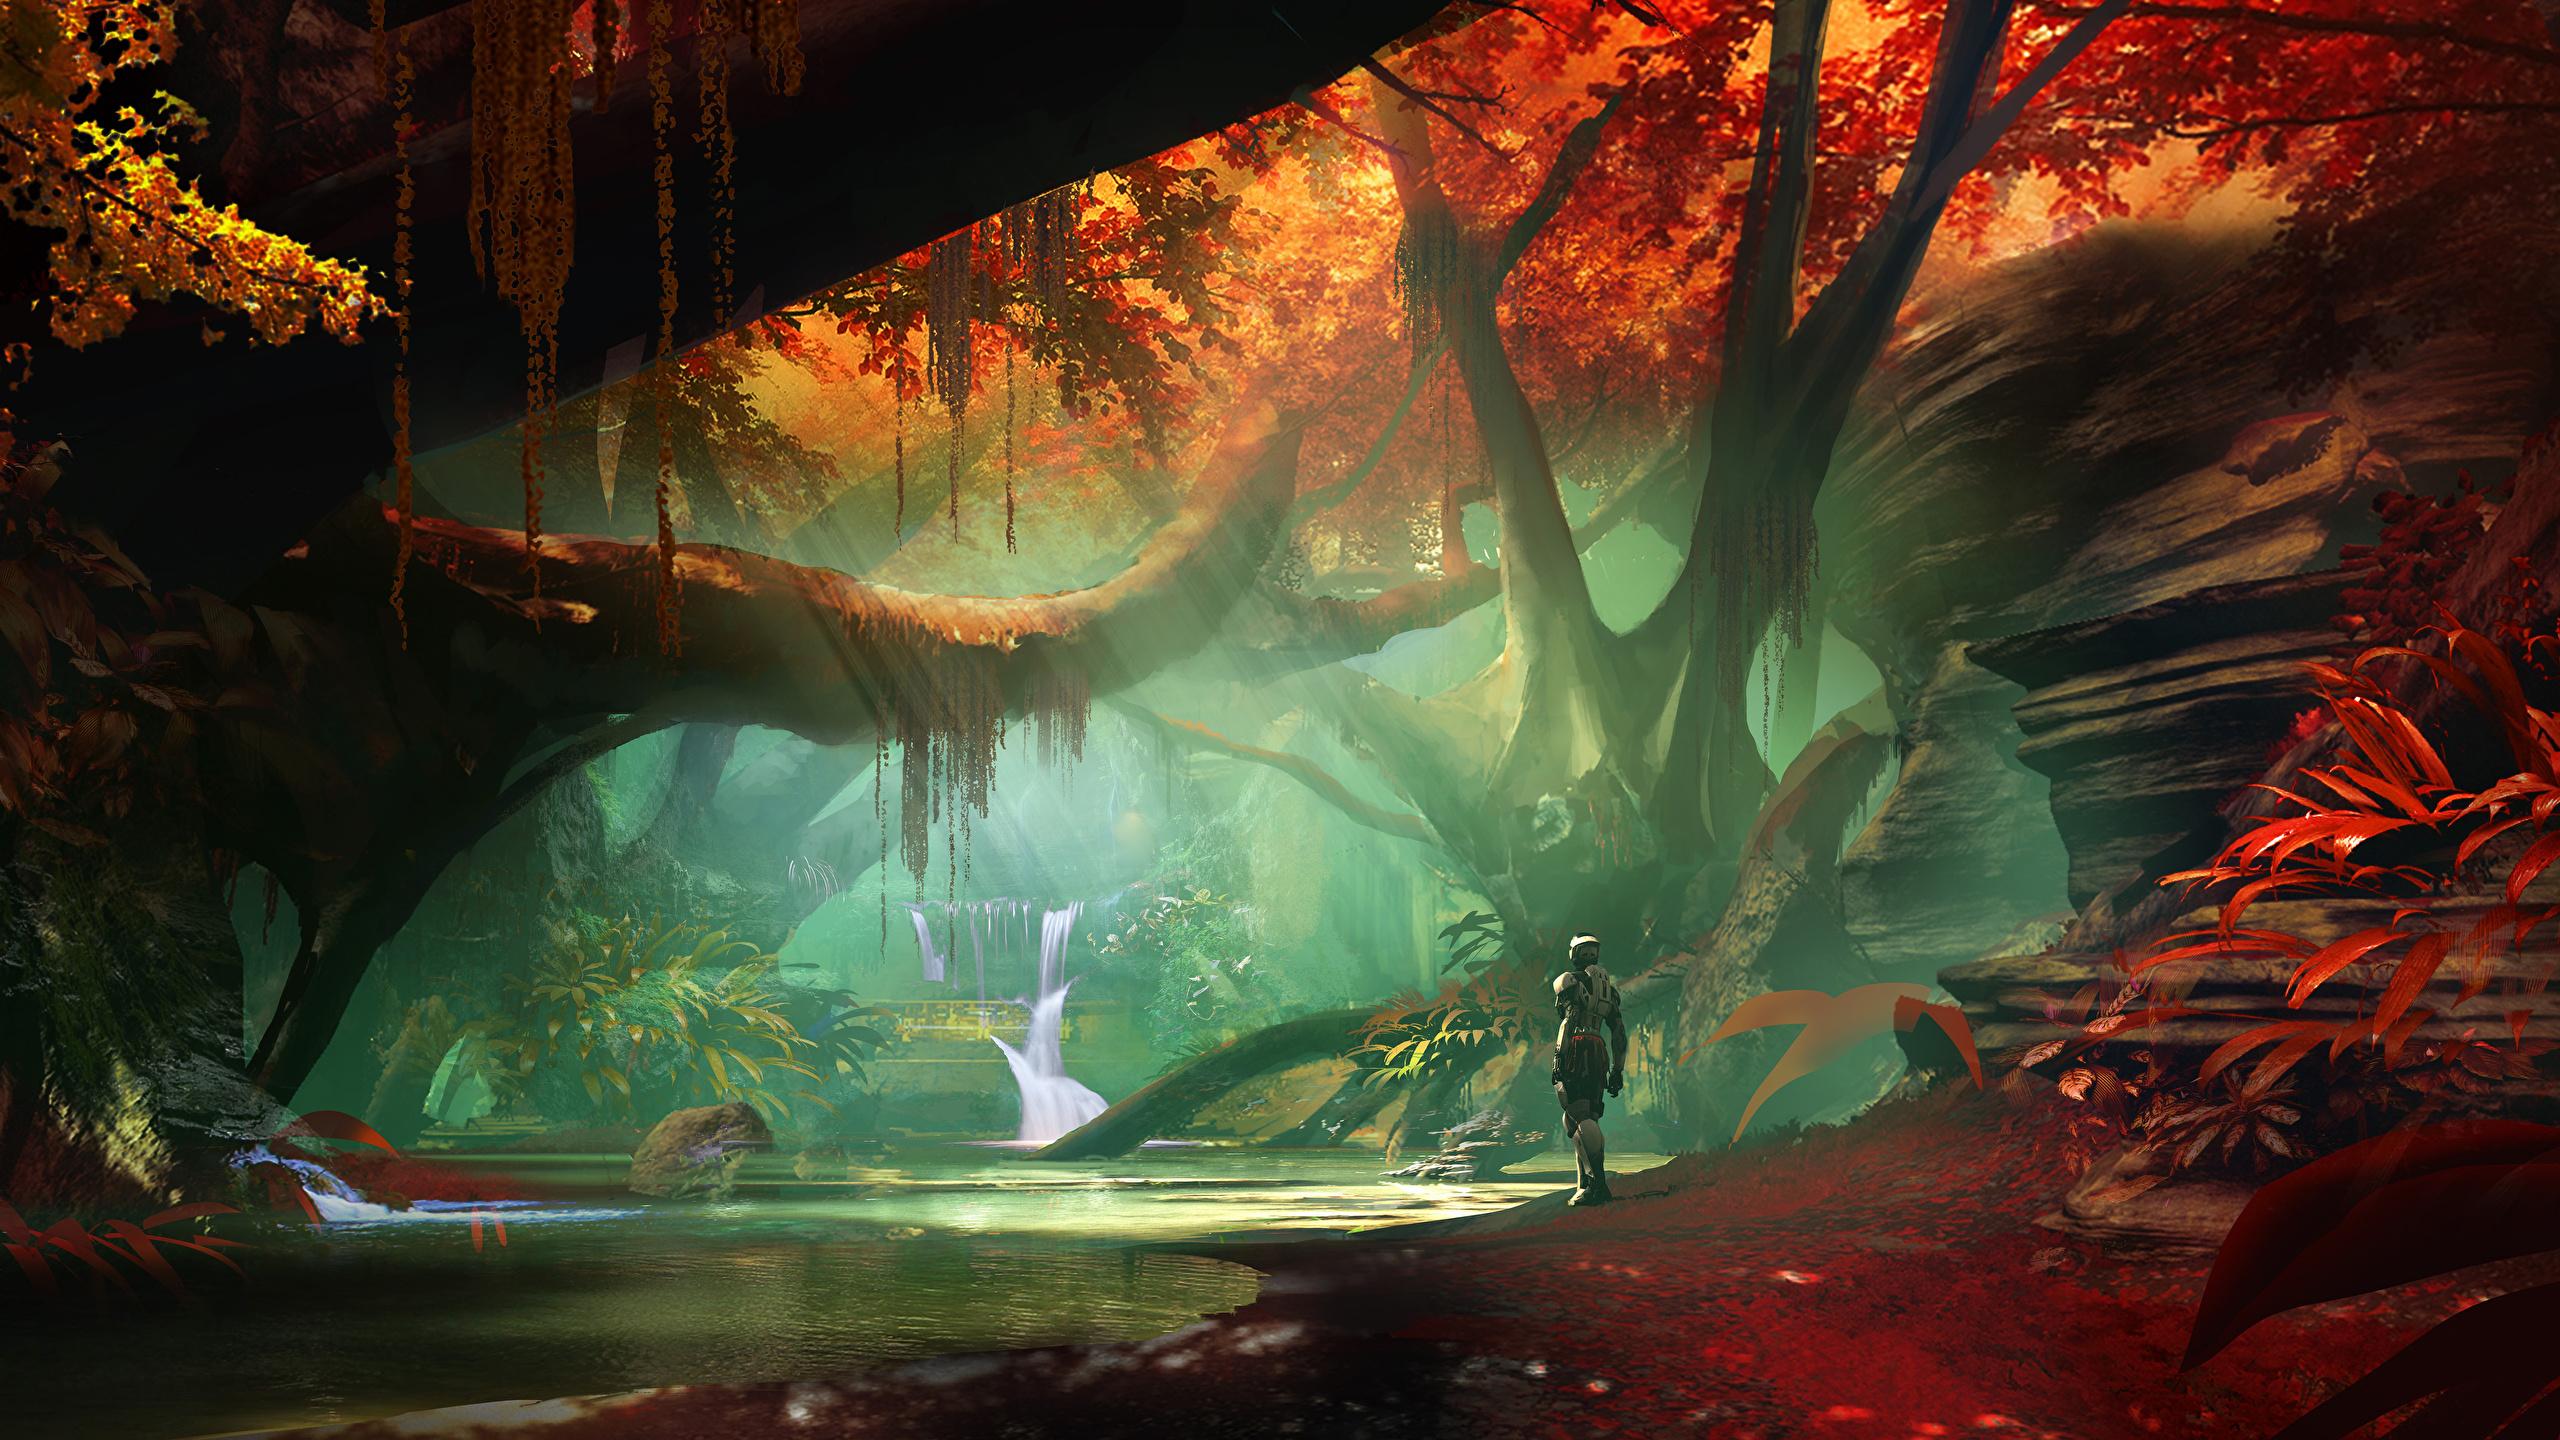 Wallpaper Destiny 2 Fantasy Games Fantastic World 2560x1440